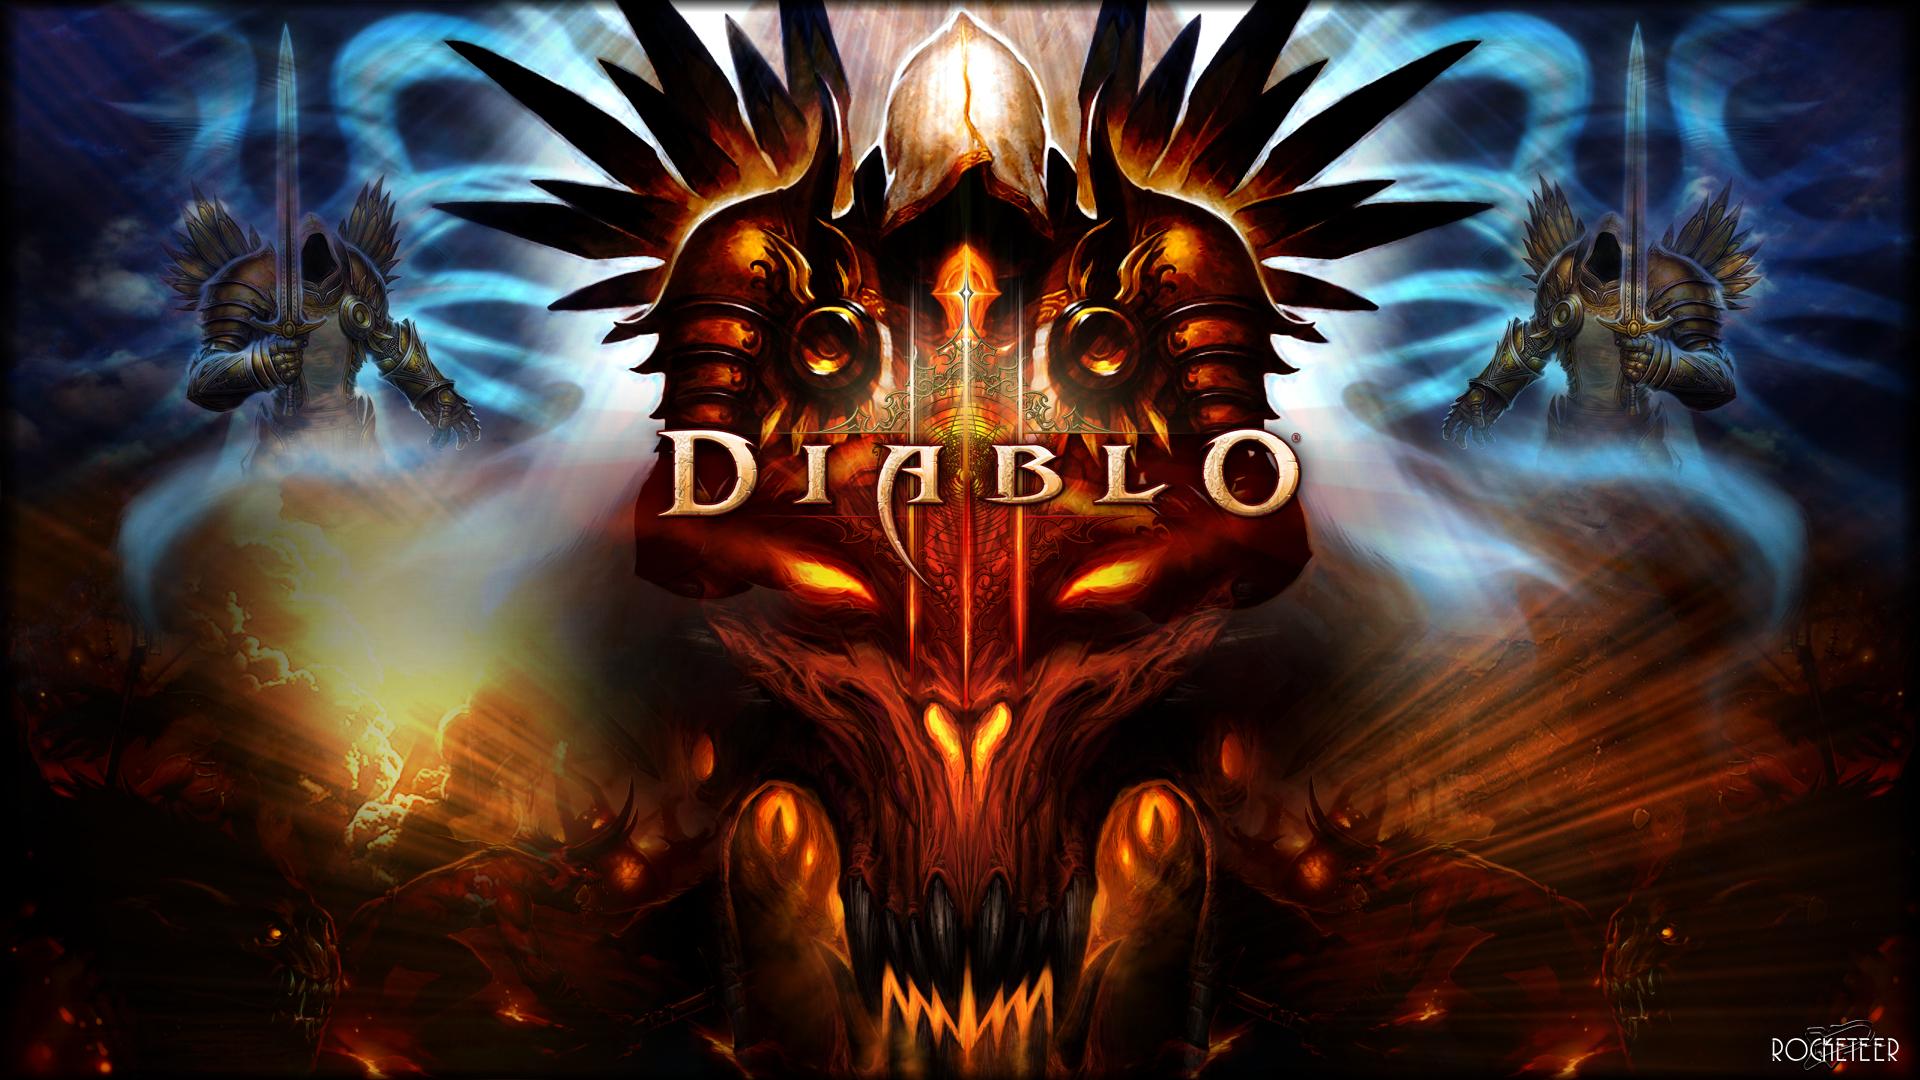 Diablo 3 Fonds dcran de fans   Diablo 3 1920x1080